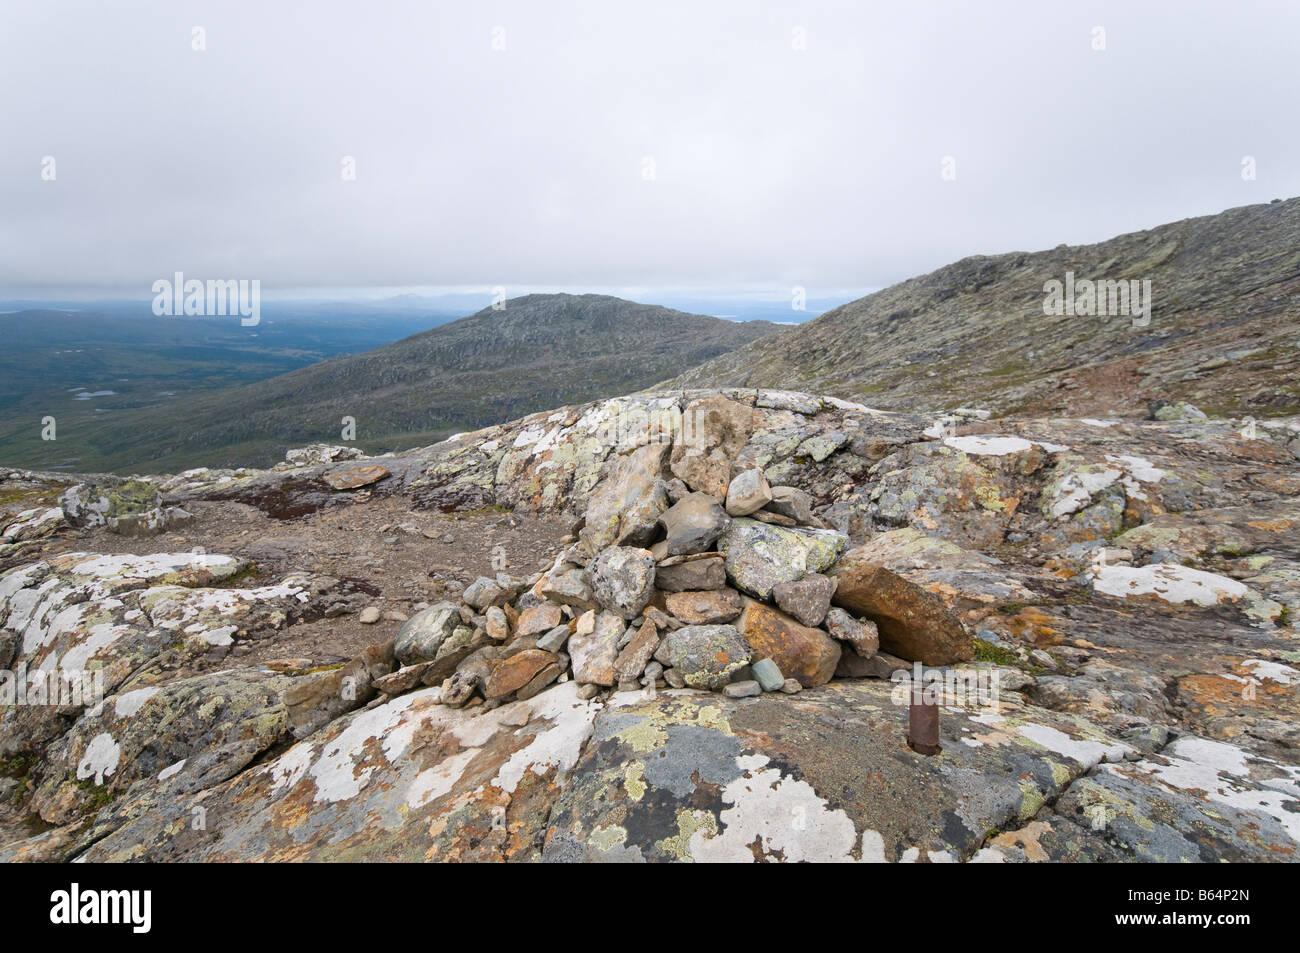 Künstliche Hügel aus Steinen auf dem Berg Åreskutan in Schweden. Stockbild